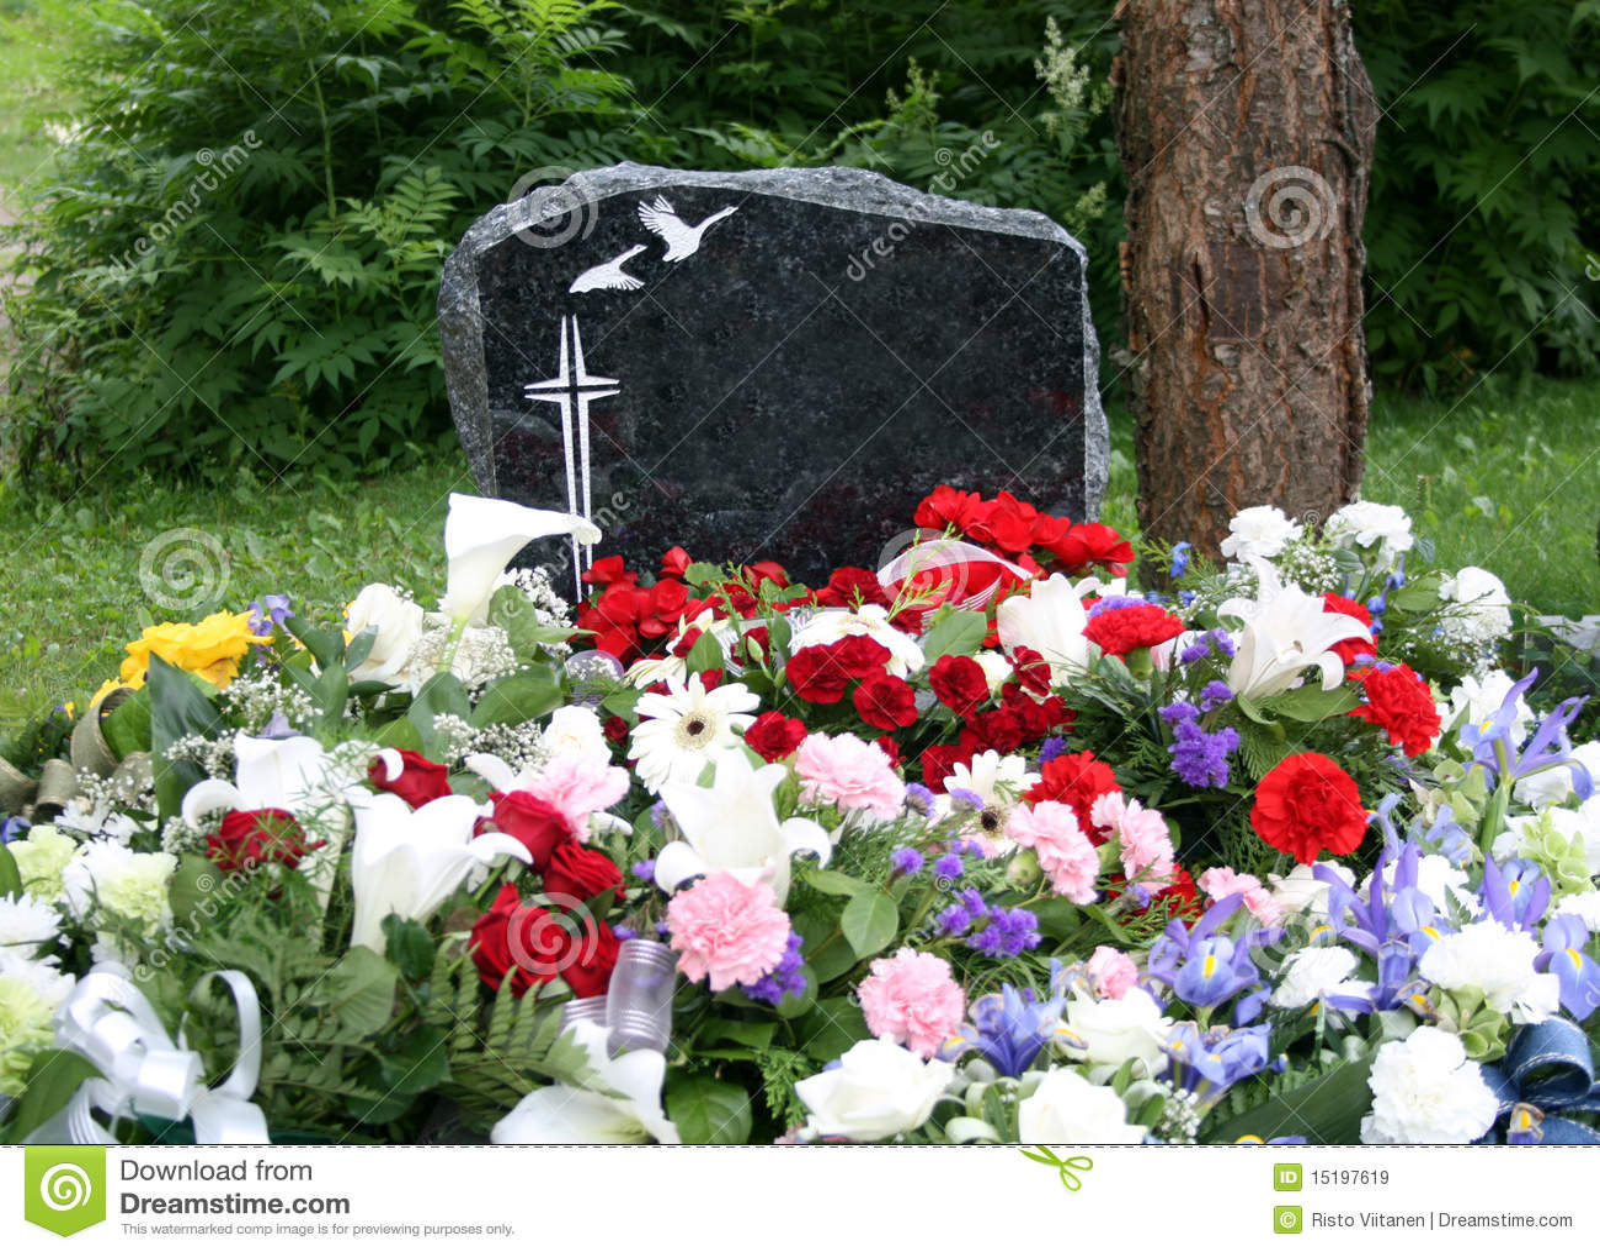 Sepulcro con las flores frescas